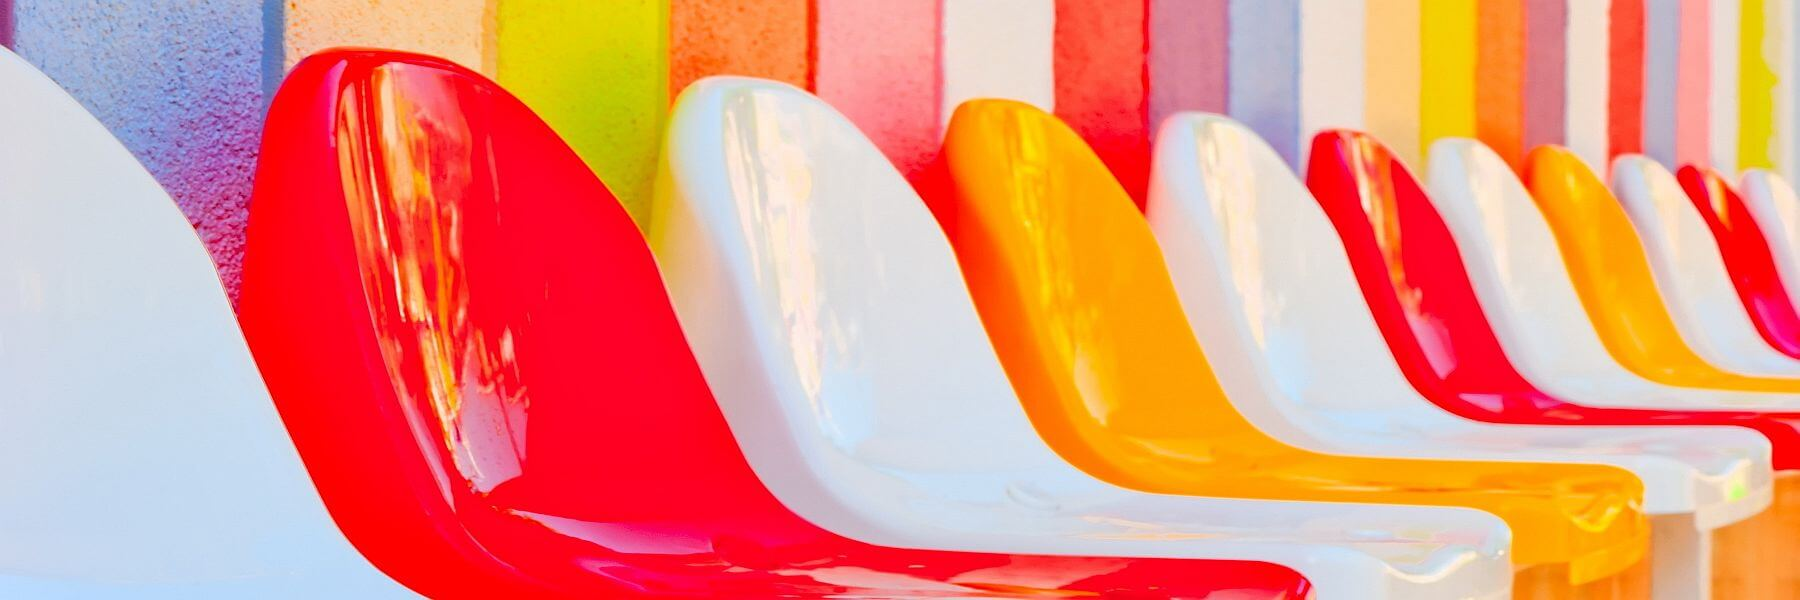 Bunte Stühle. Tagung und Kongress. Mehr Farbe für Ihre Tagung.